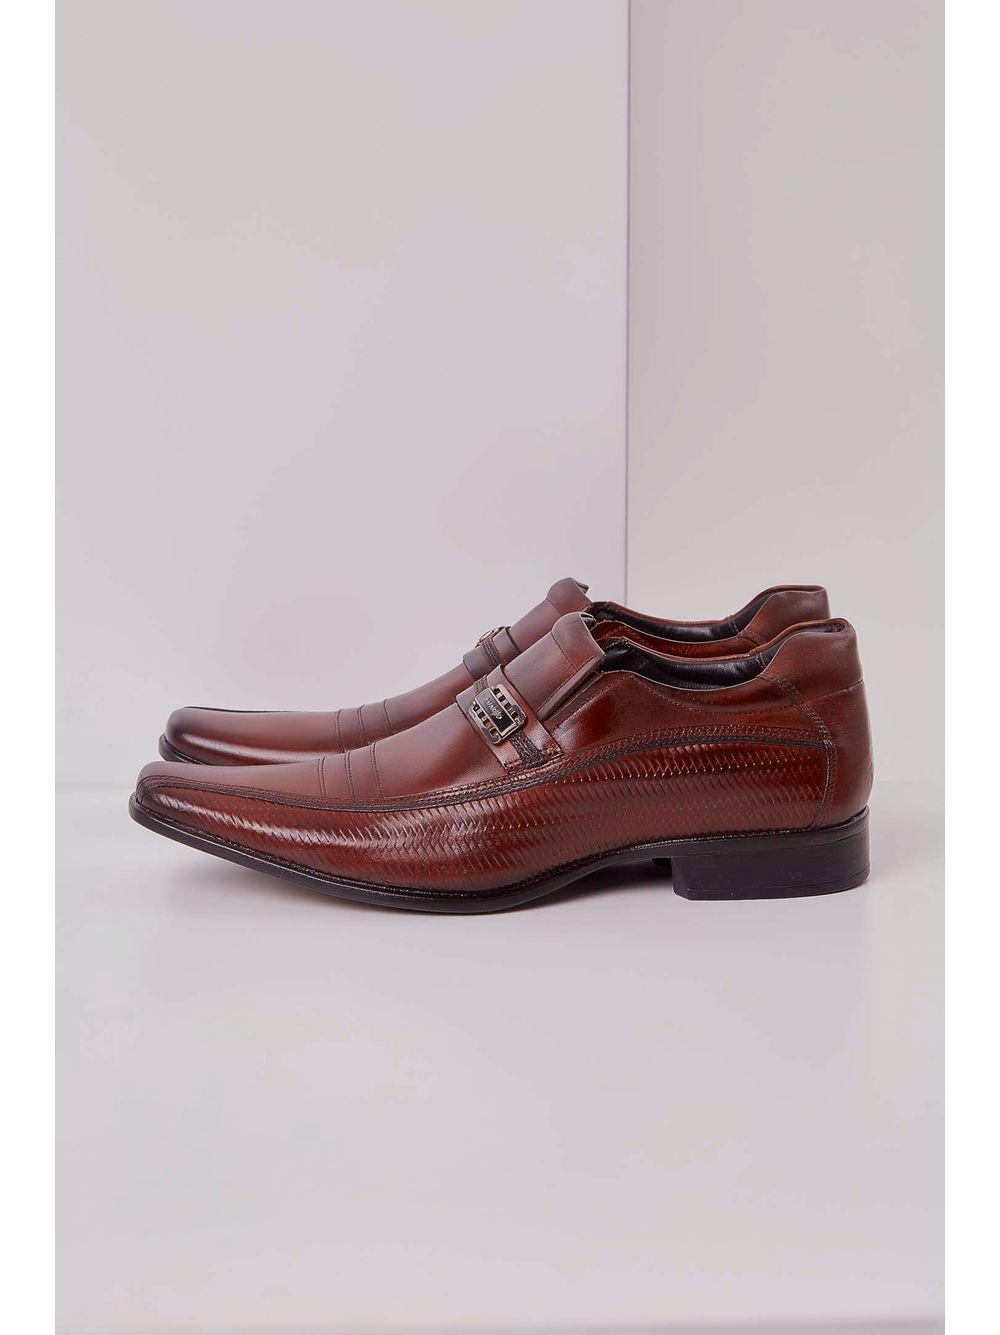 d1a15ec82e Previous. Sapato-Social-Rafarillo-Couro-Texturizado-Caramelo ...